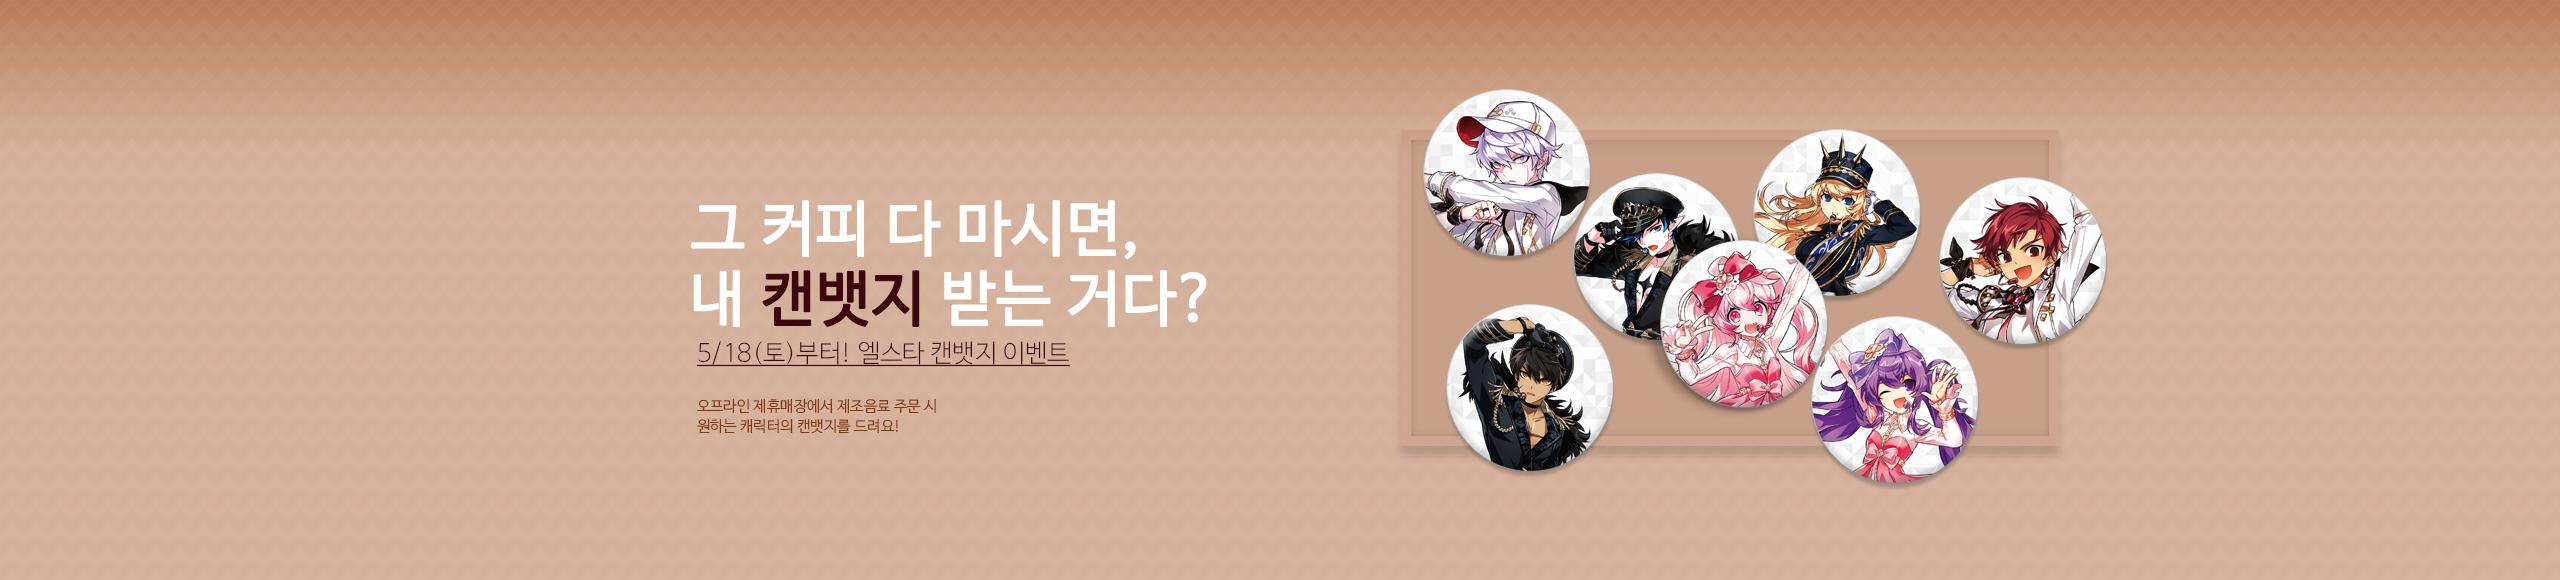 엘소드X달콤커피 특별 이벤트 공개 이동